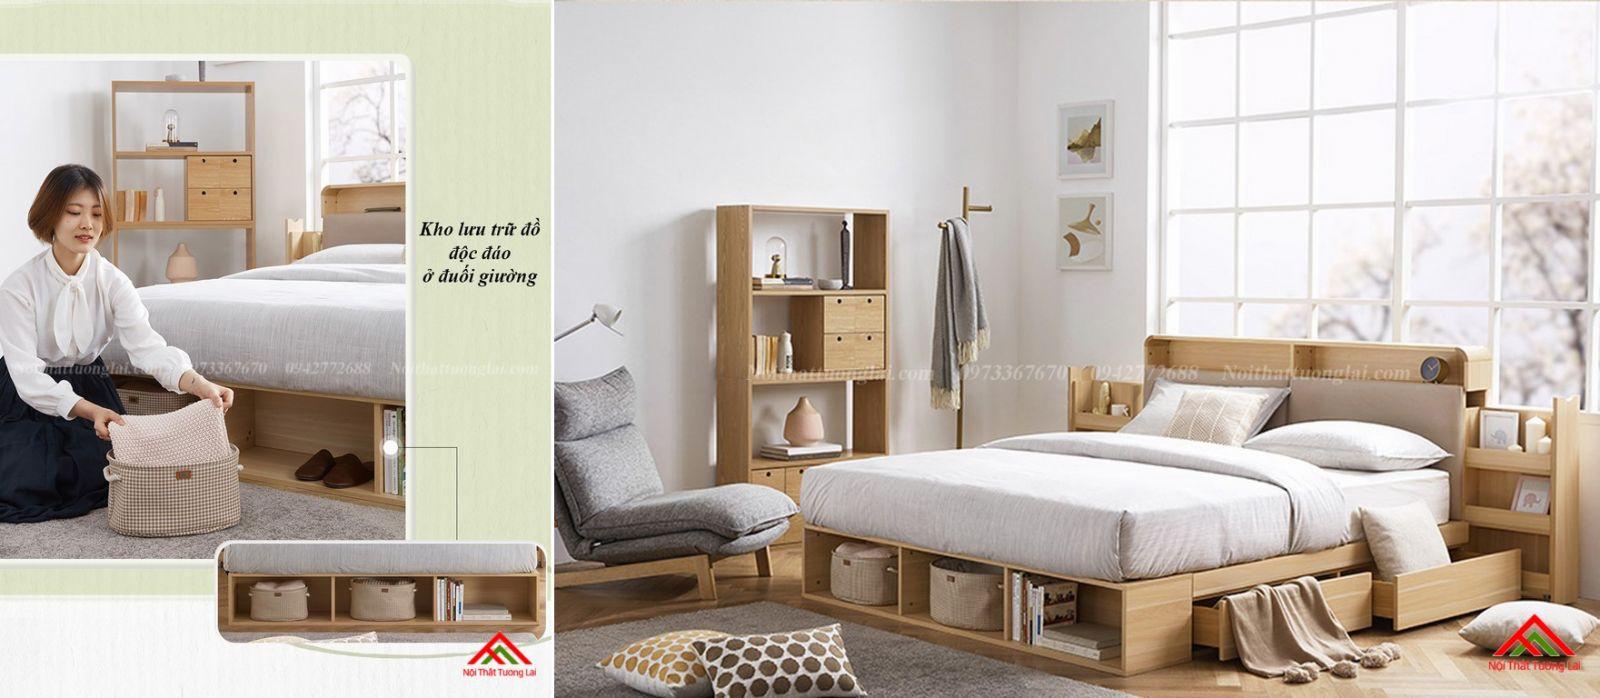 Giường ngủ hộp GN6822 với nhiều ngăn lưu trữ đồ đa dạng 11